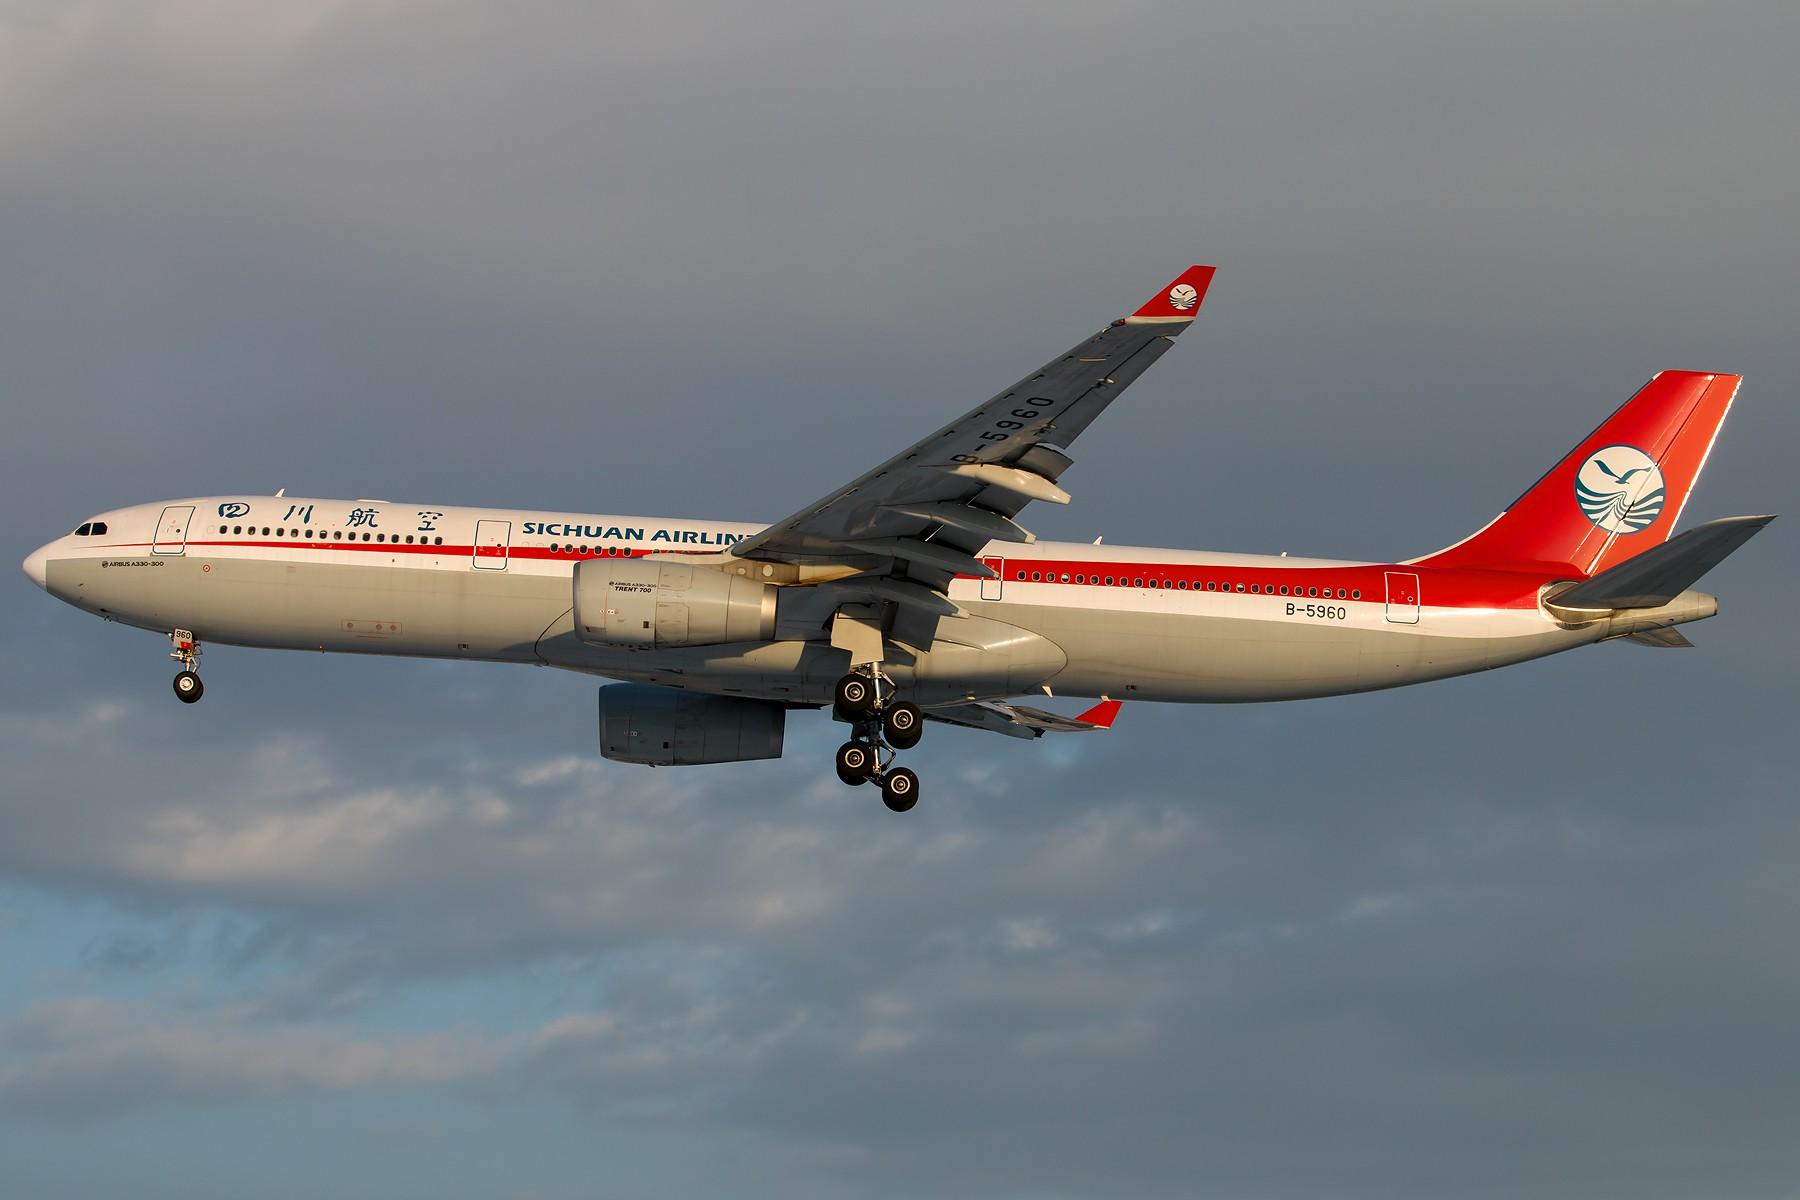 Re:[原创]雪里红 1800*1200 [5pics] AIRBUS A330-343 B-5960 中国北京首都国际机场